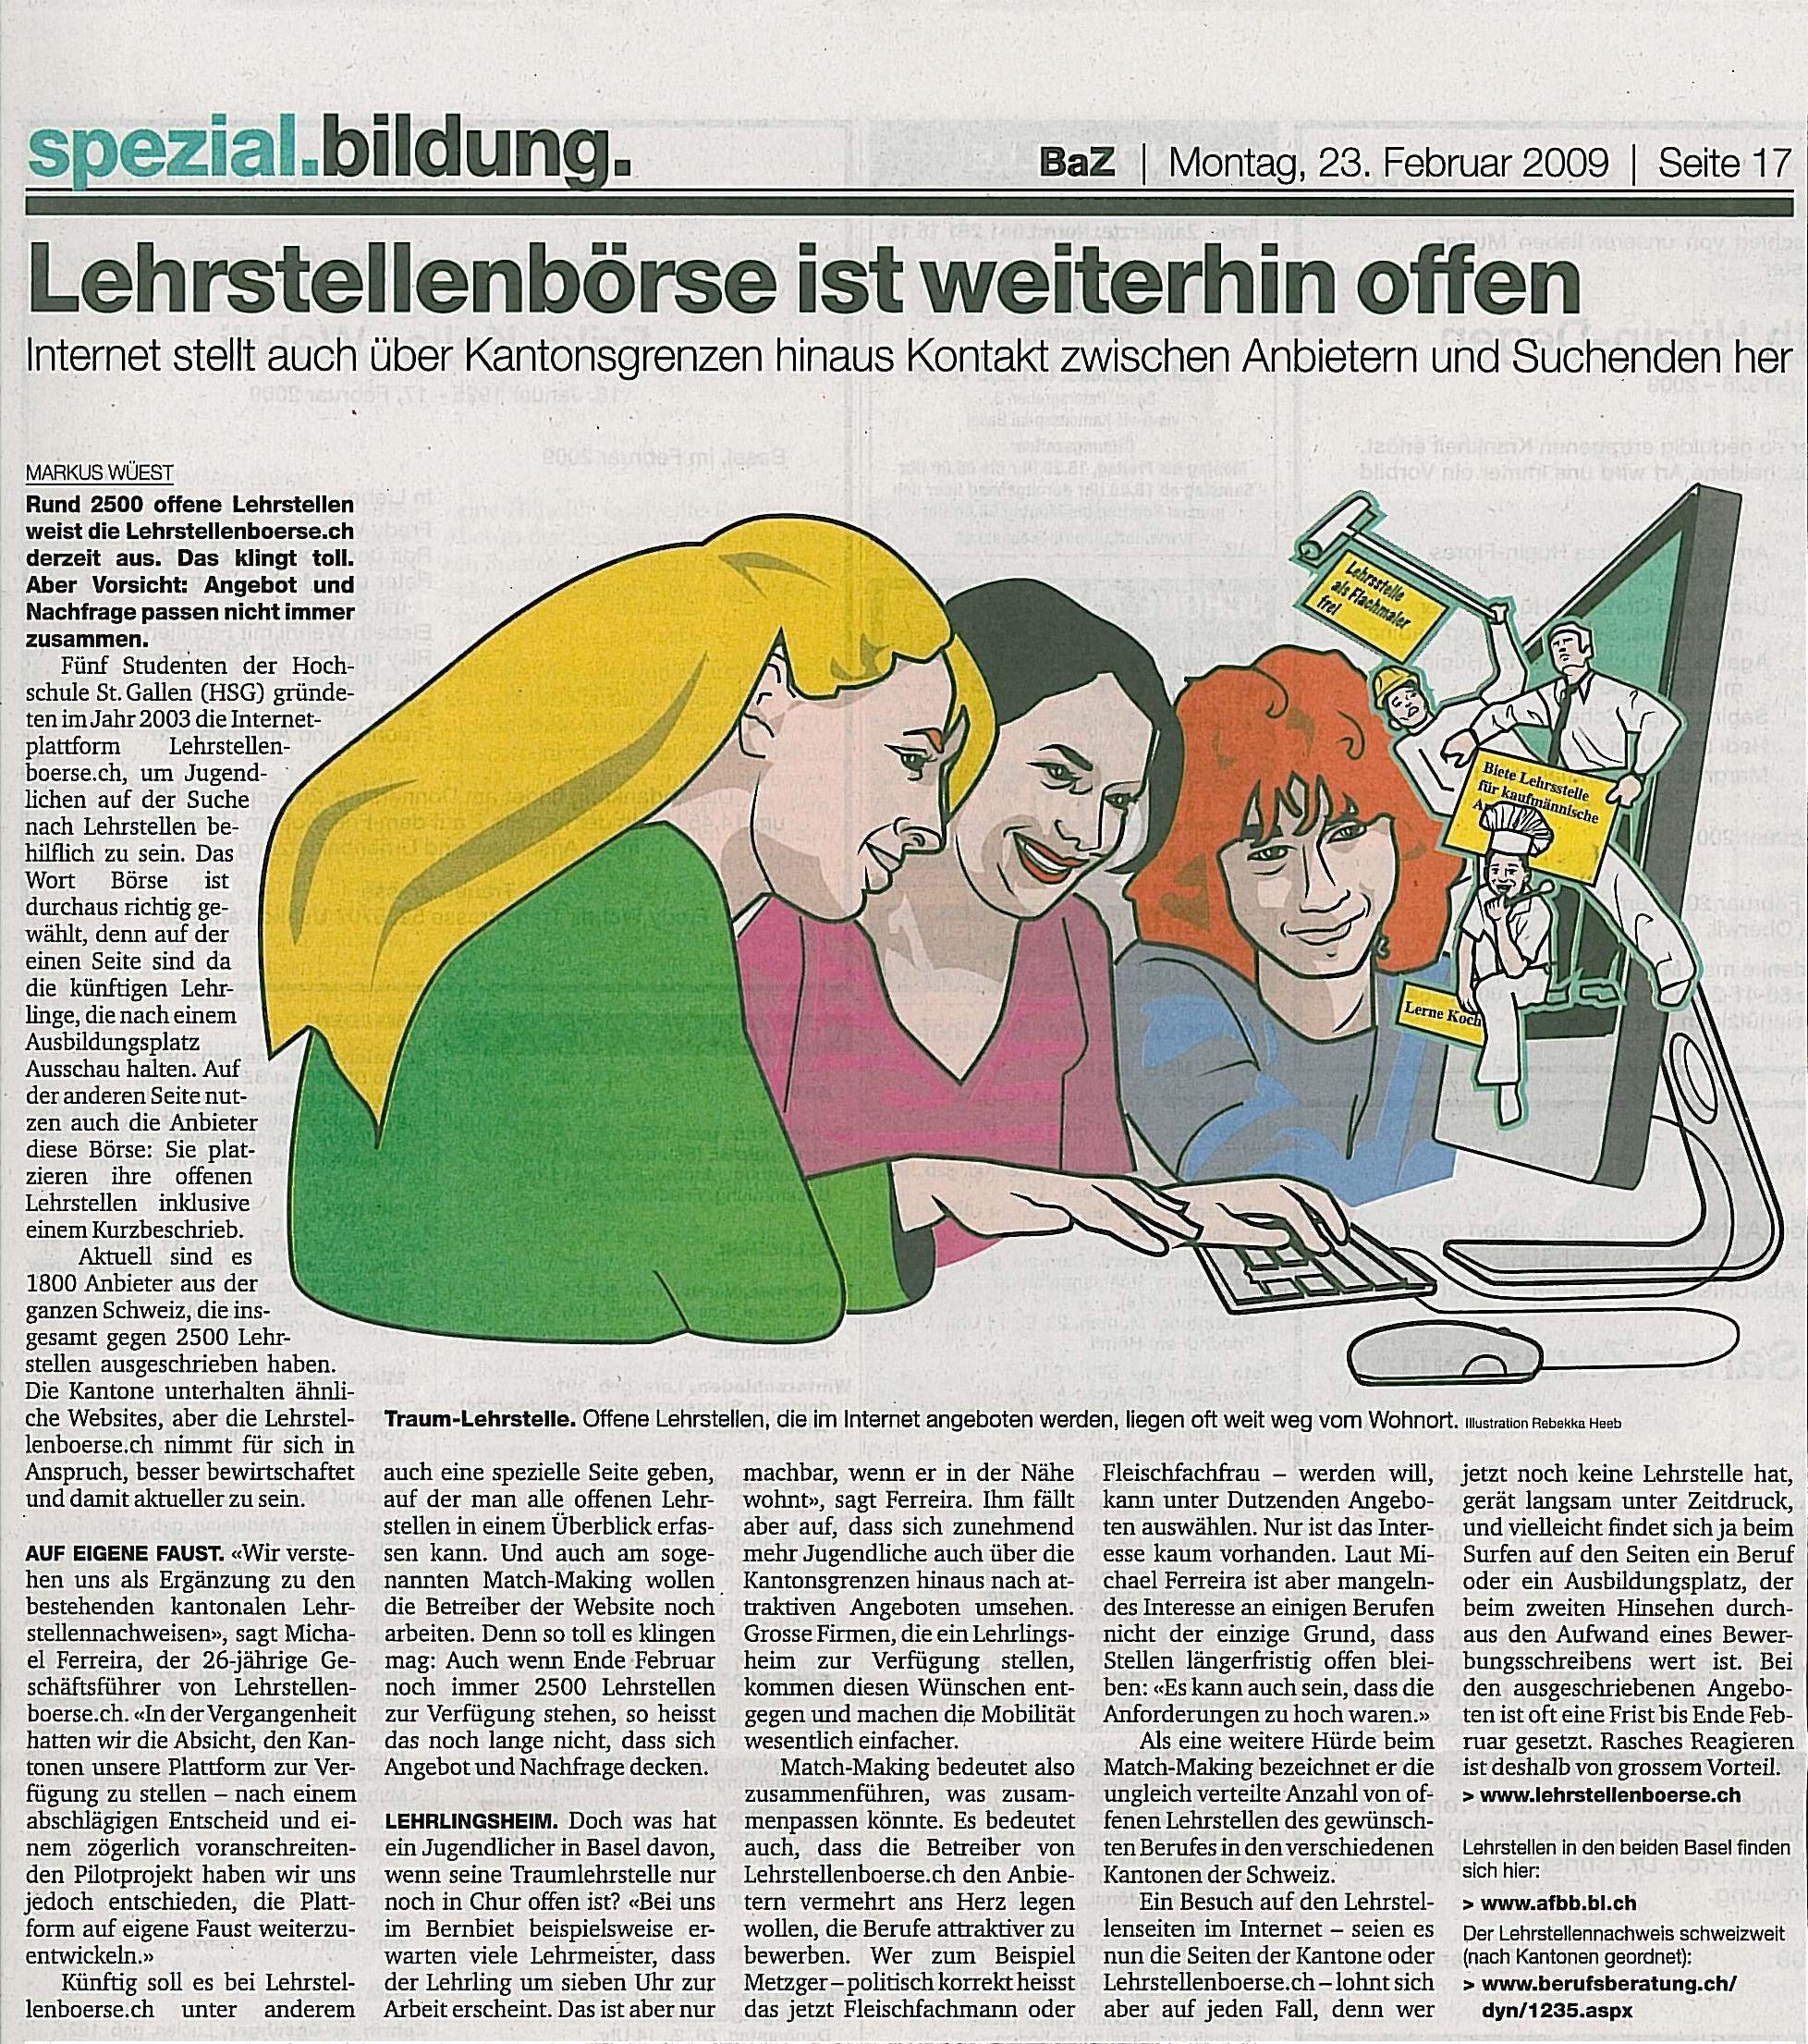 2009-02-23_bazspezialbildung2